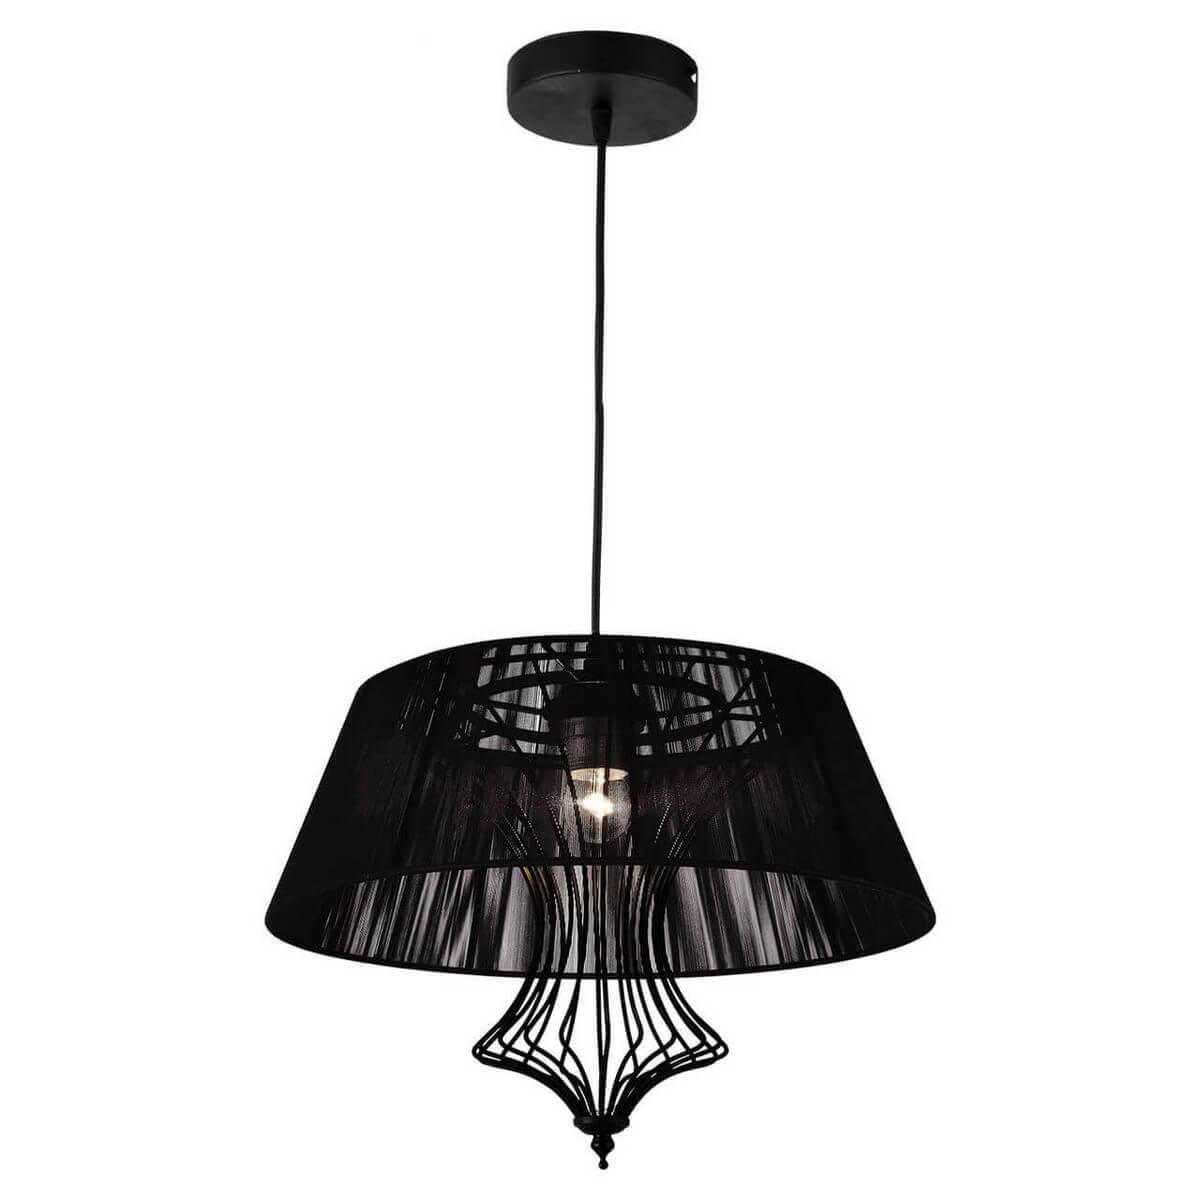 цена Подвесной светильник Lussole Loft Cameron LSP-8106 онлайн в 2017 году